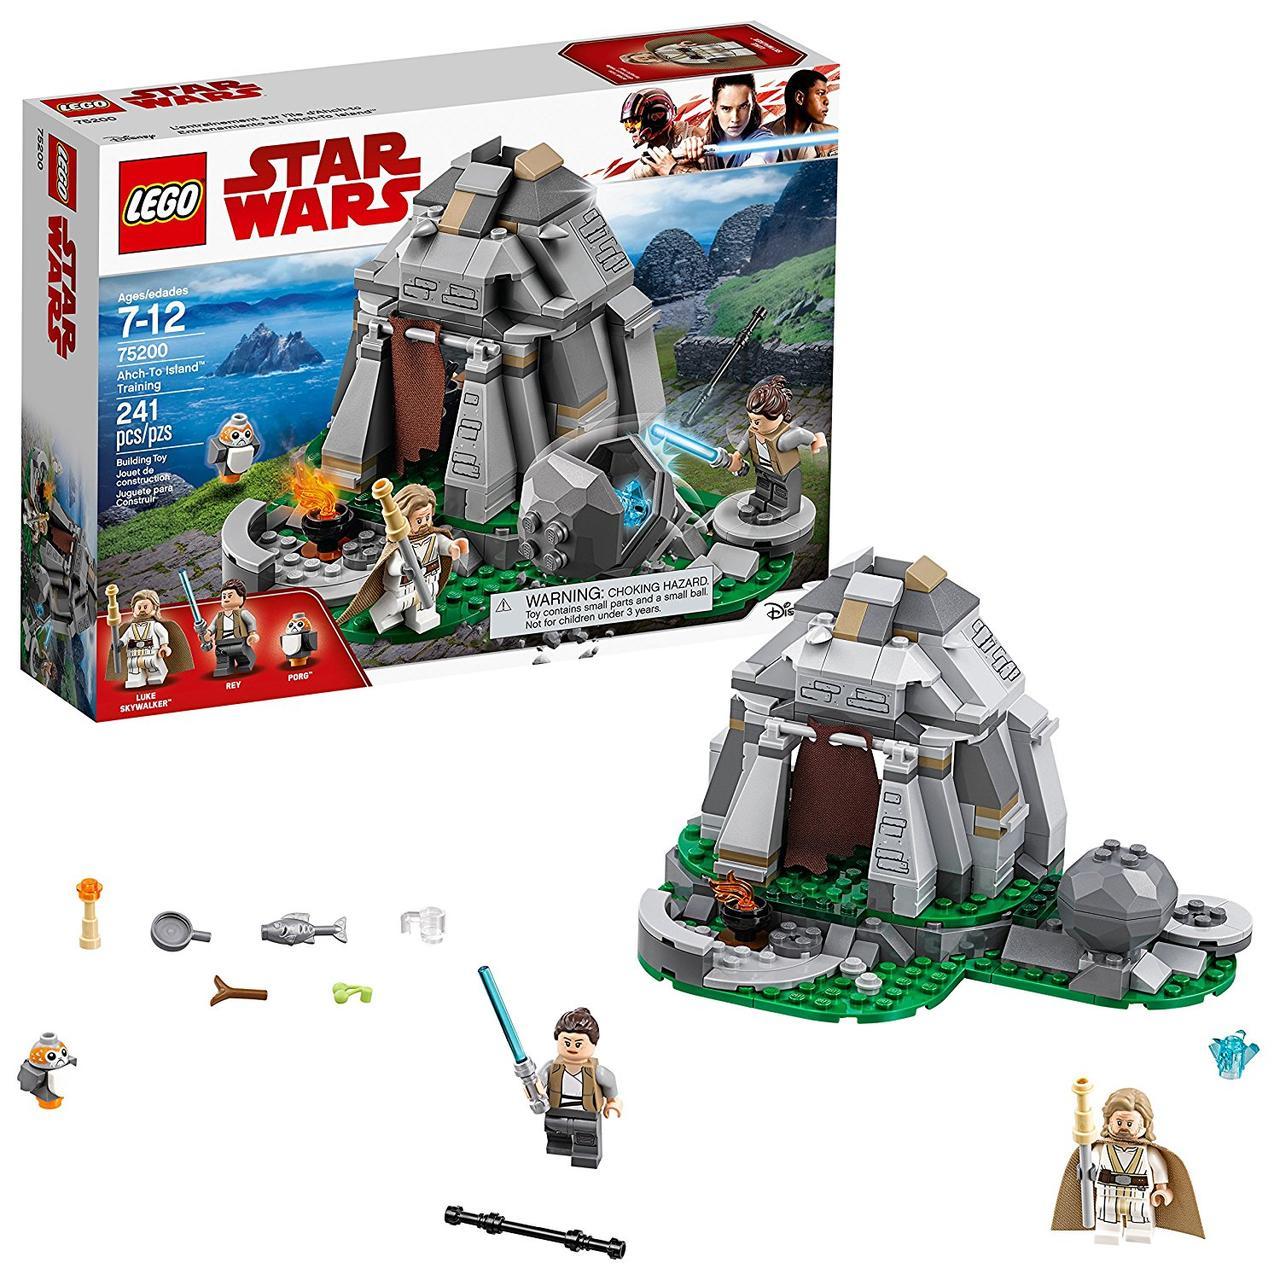 Lego Star wars 75200 Острівне навчання на Ач-Ту (Конструктор Лего Старварс Тренировки на островах Эч-То)